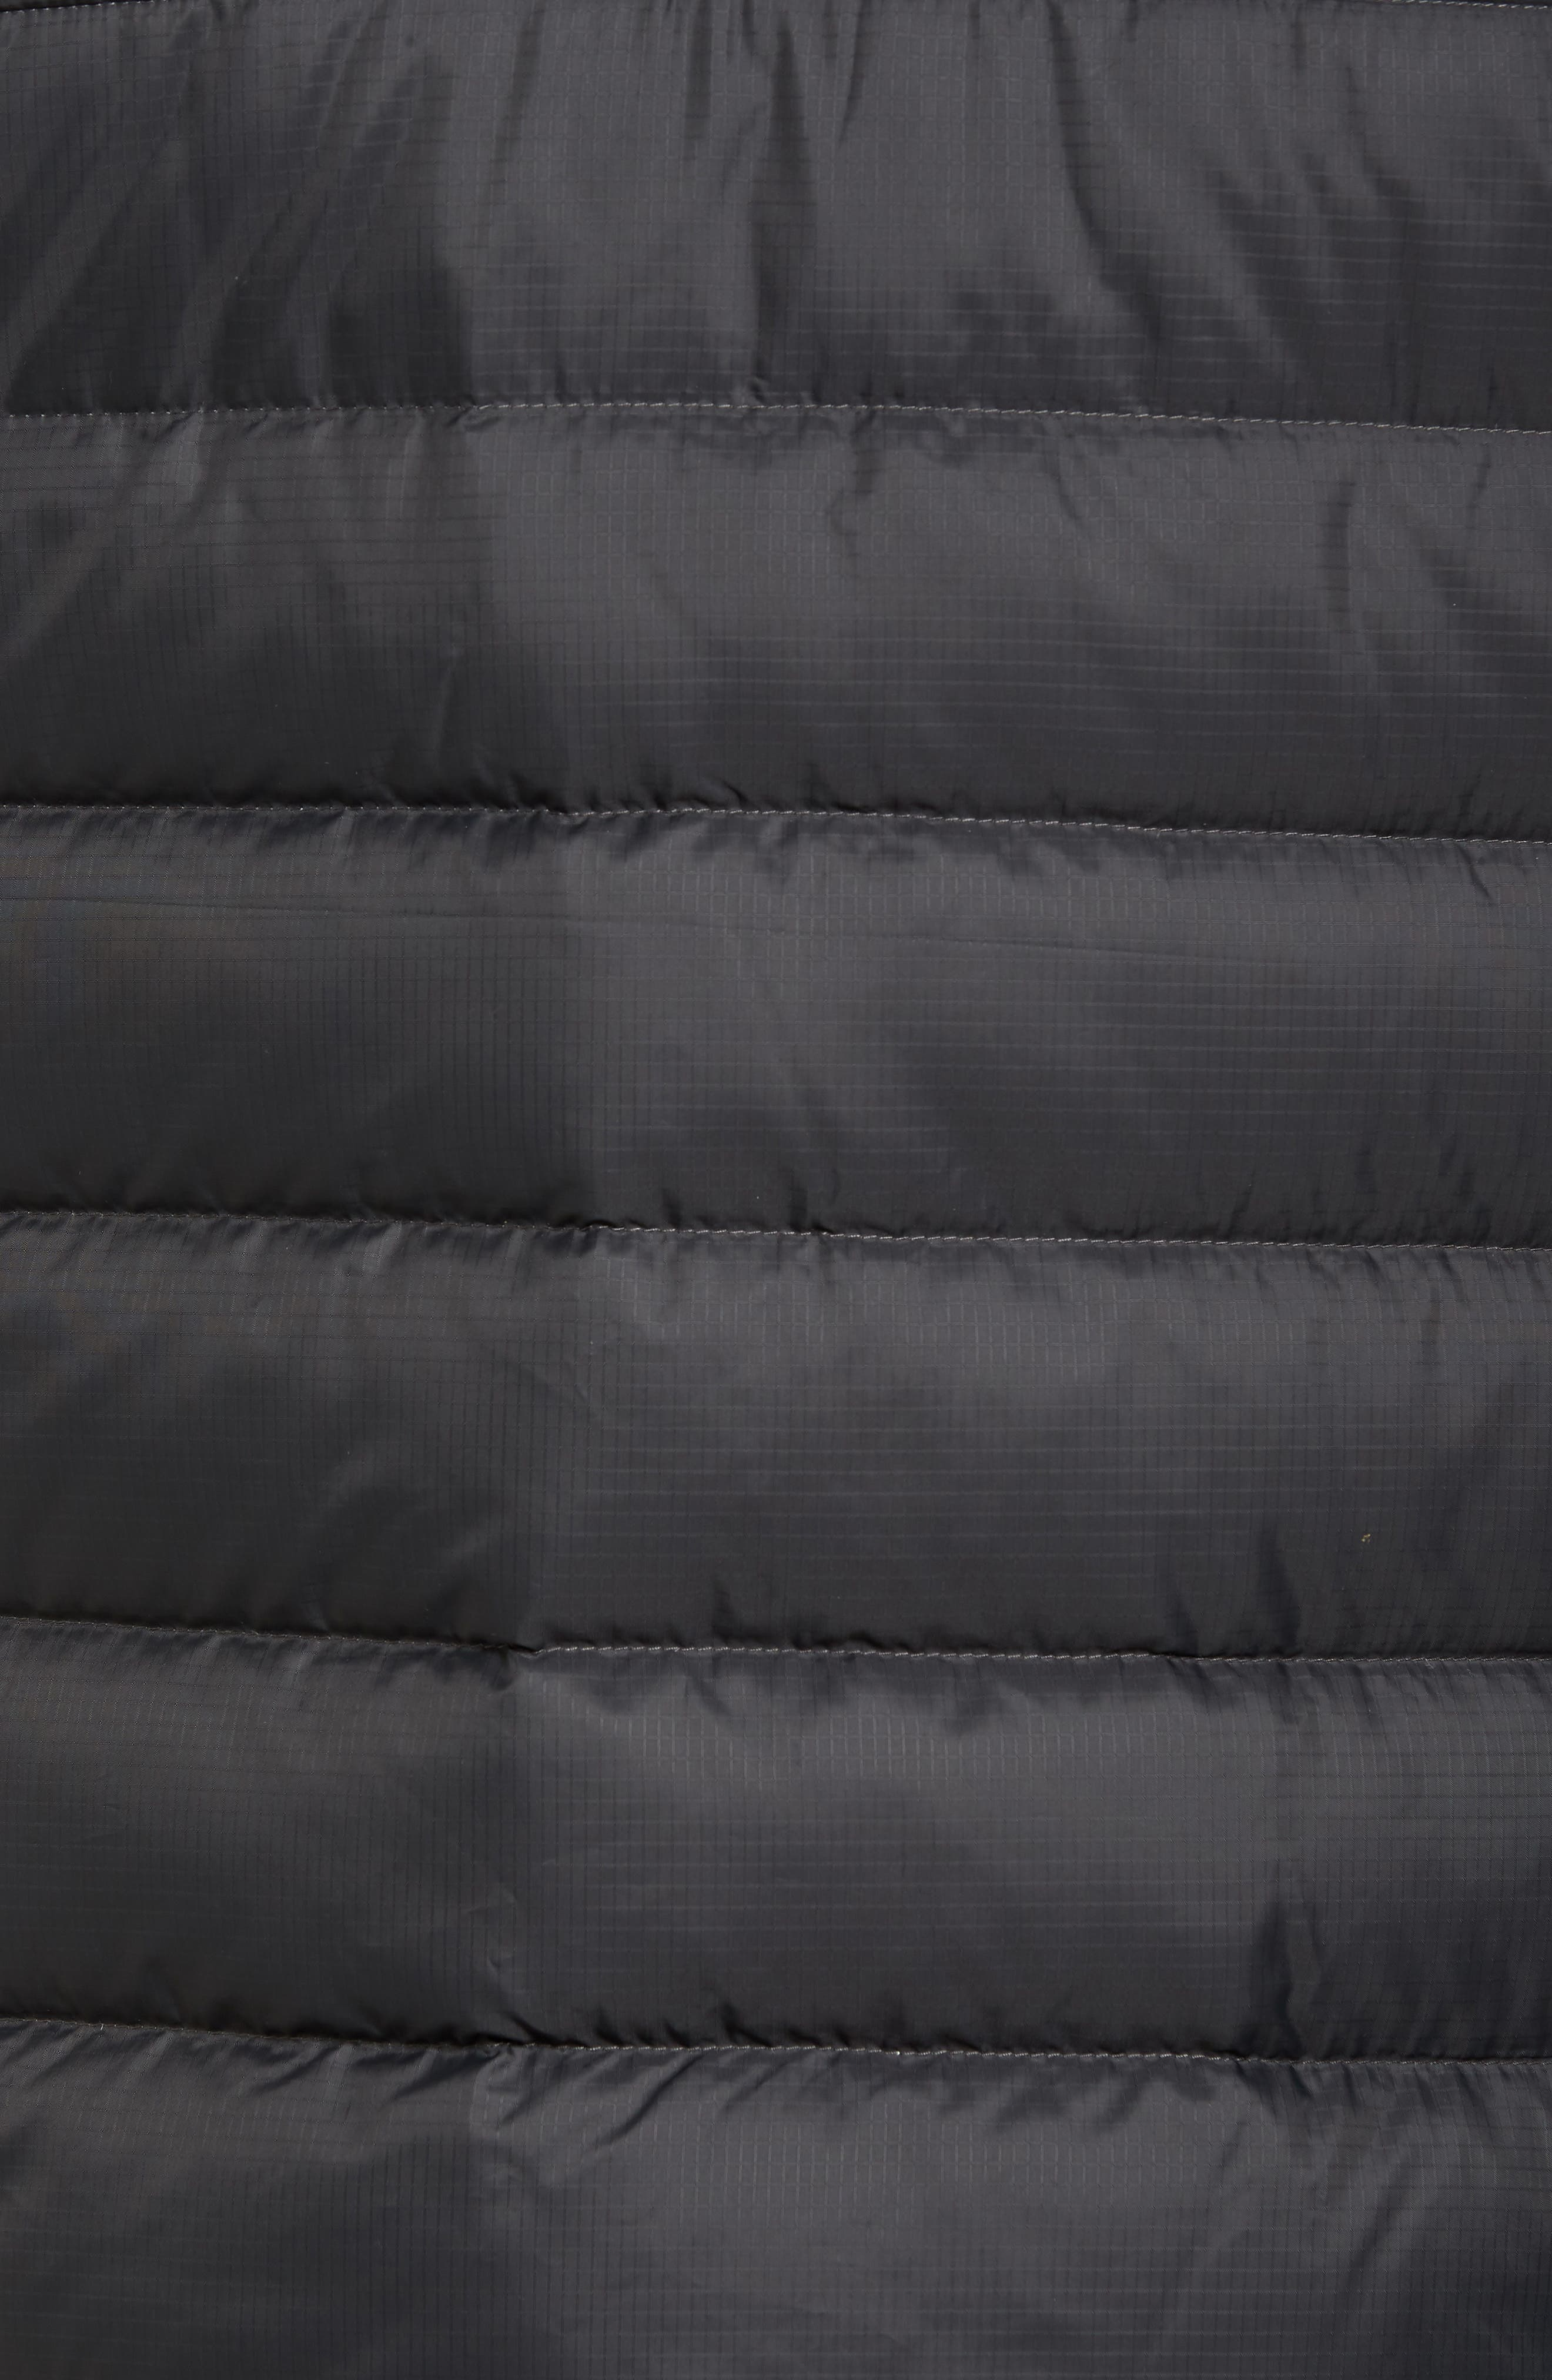 Aconcagua Down Vest,                             Alternate thumbnail 5, color,                             Asphalt Grey